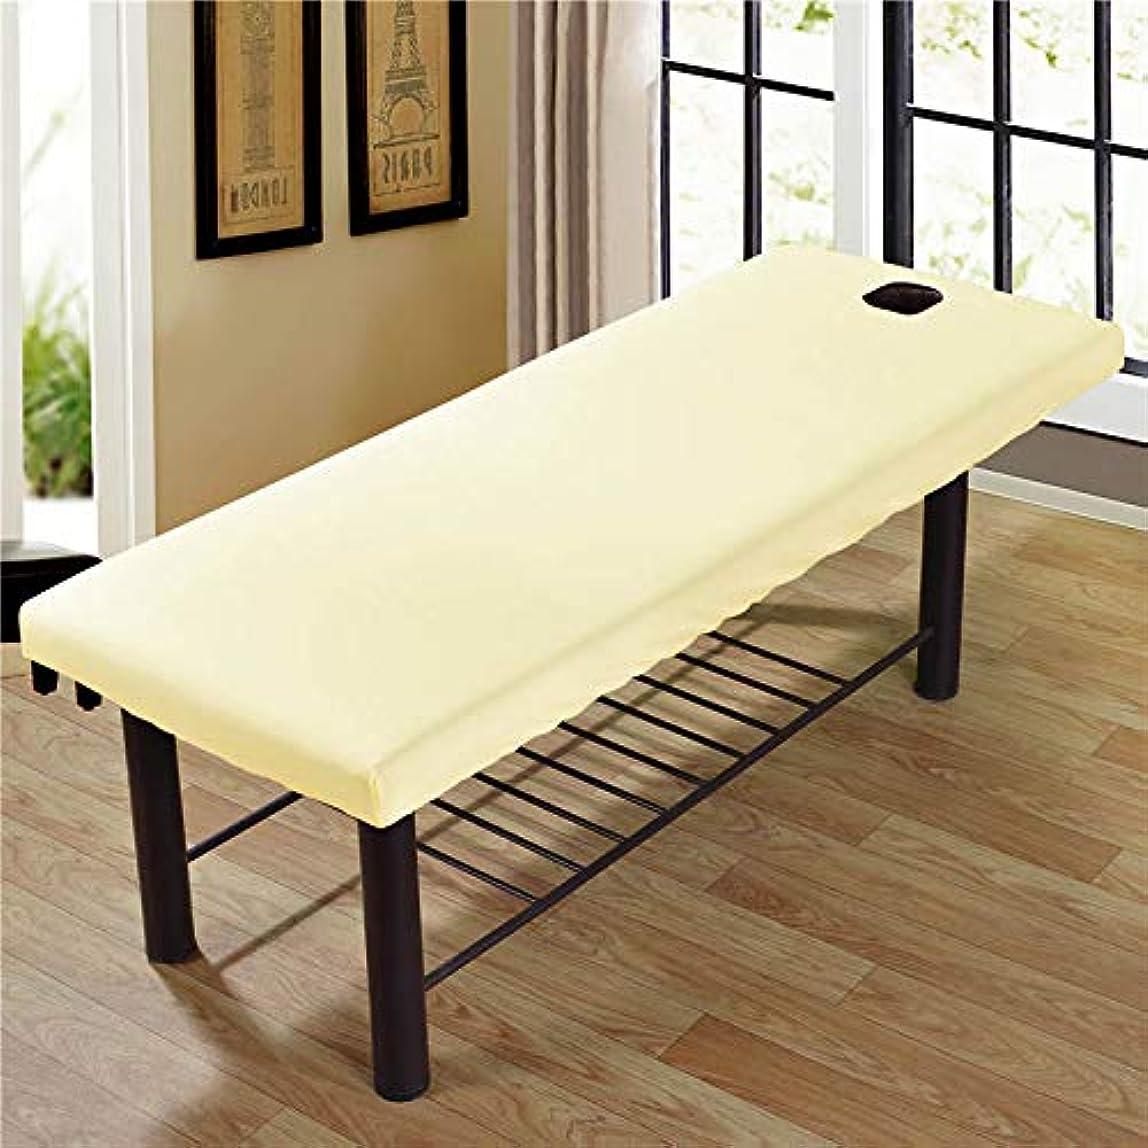 識字感嘆符金額JanusSaja 美容院のマッサージ療法のベッドのための柔らかいSoliod色の長方形のマットレス